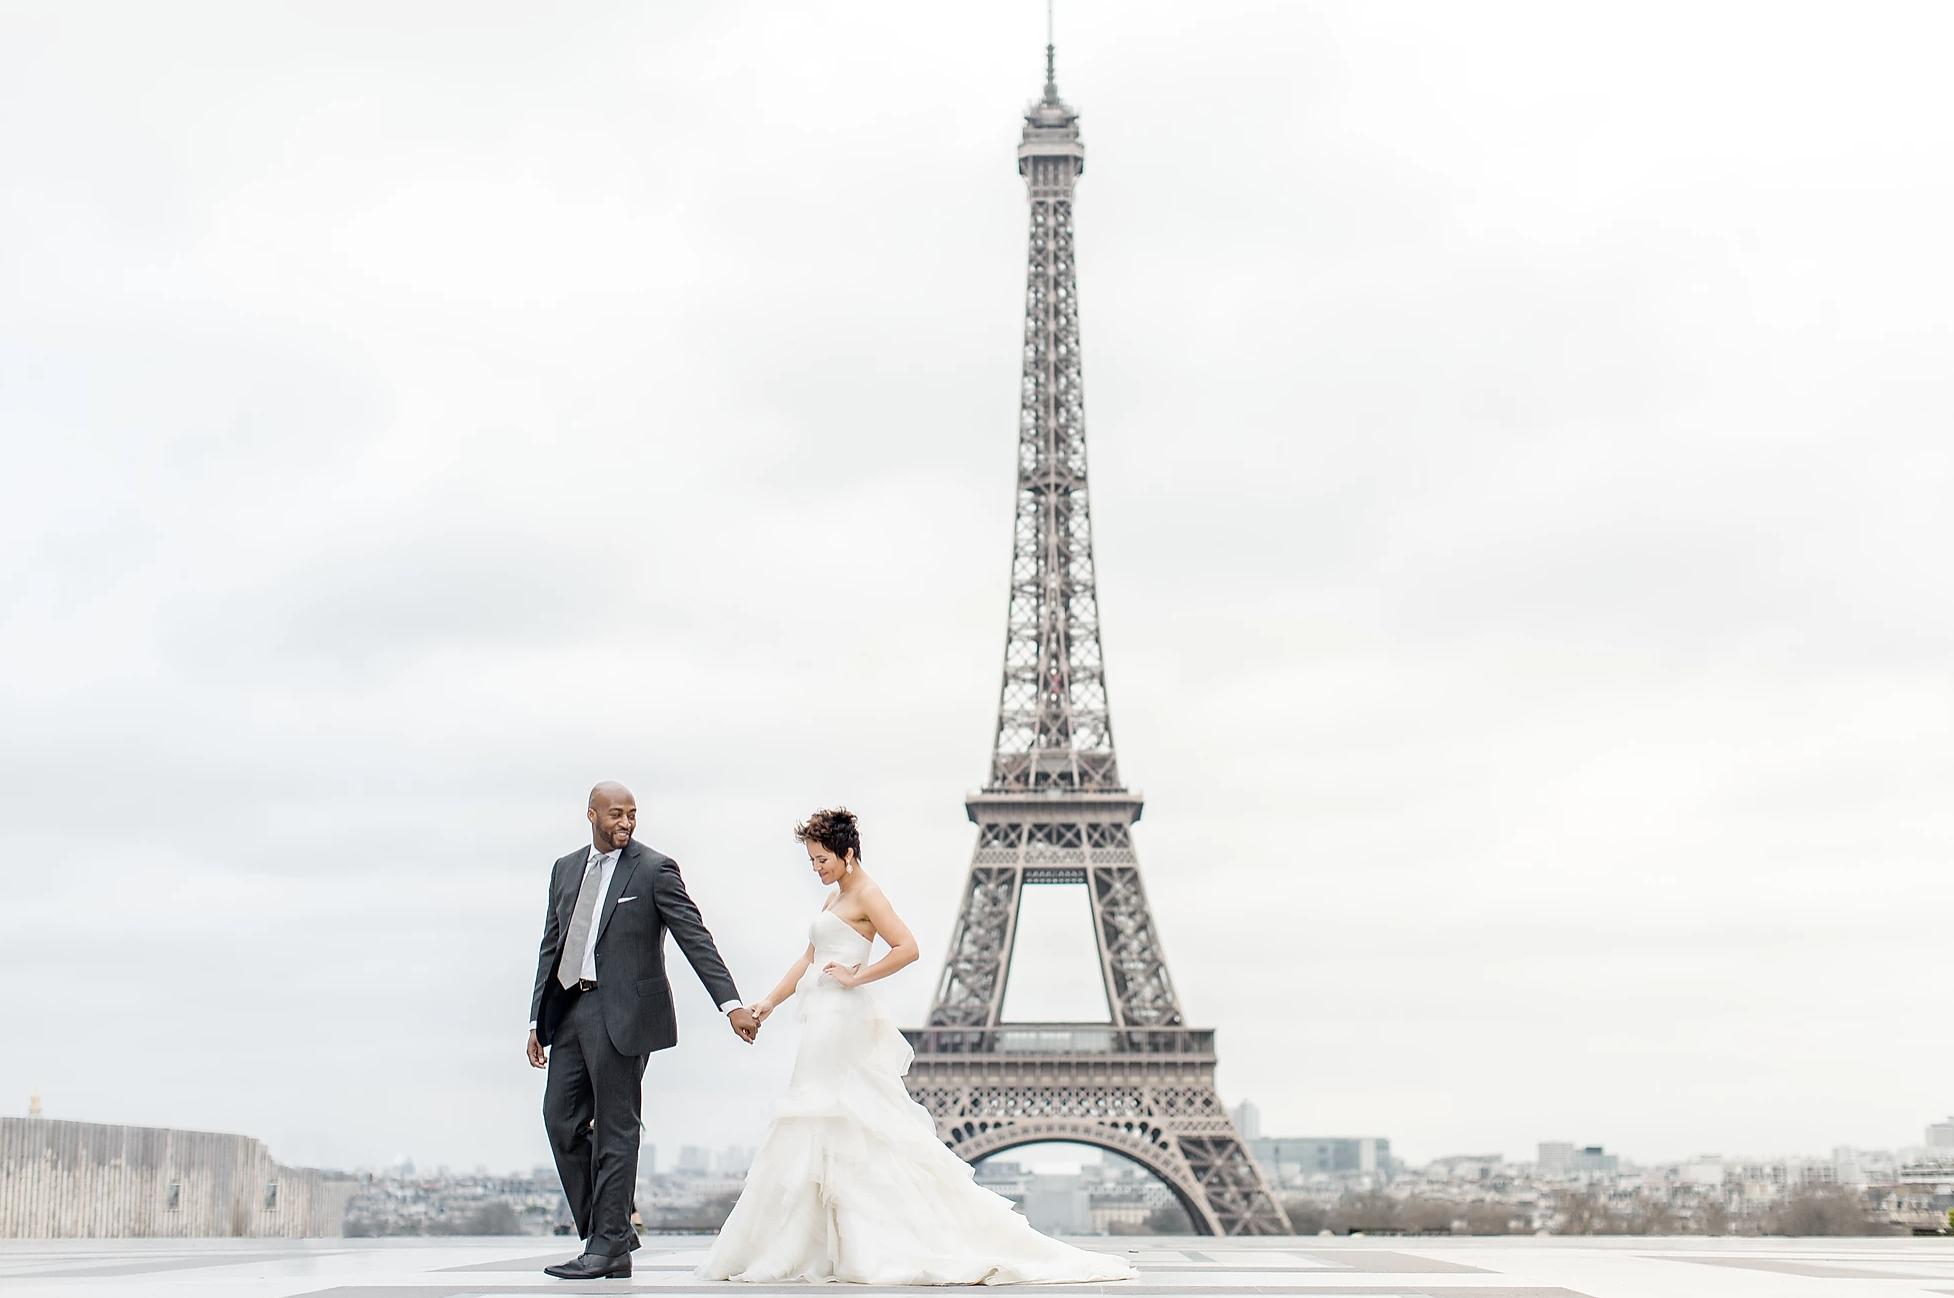 https://www.irismannings.com/weddings?lightbox=dataItem-j1clyu1v